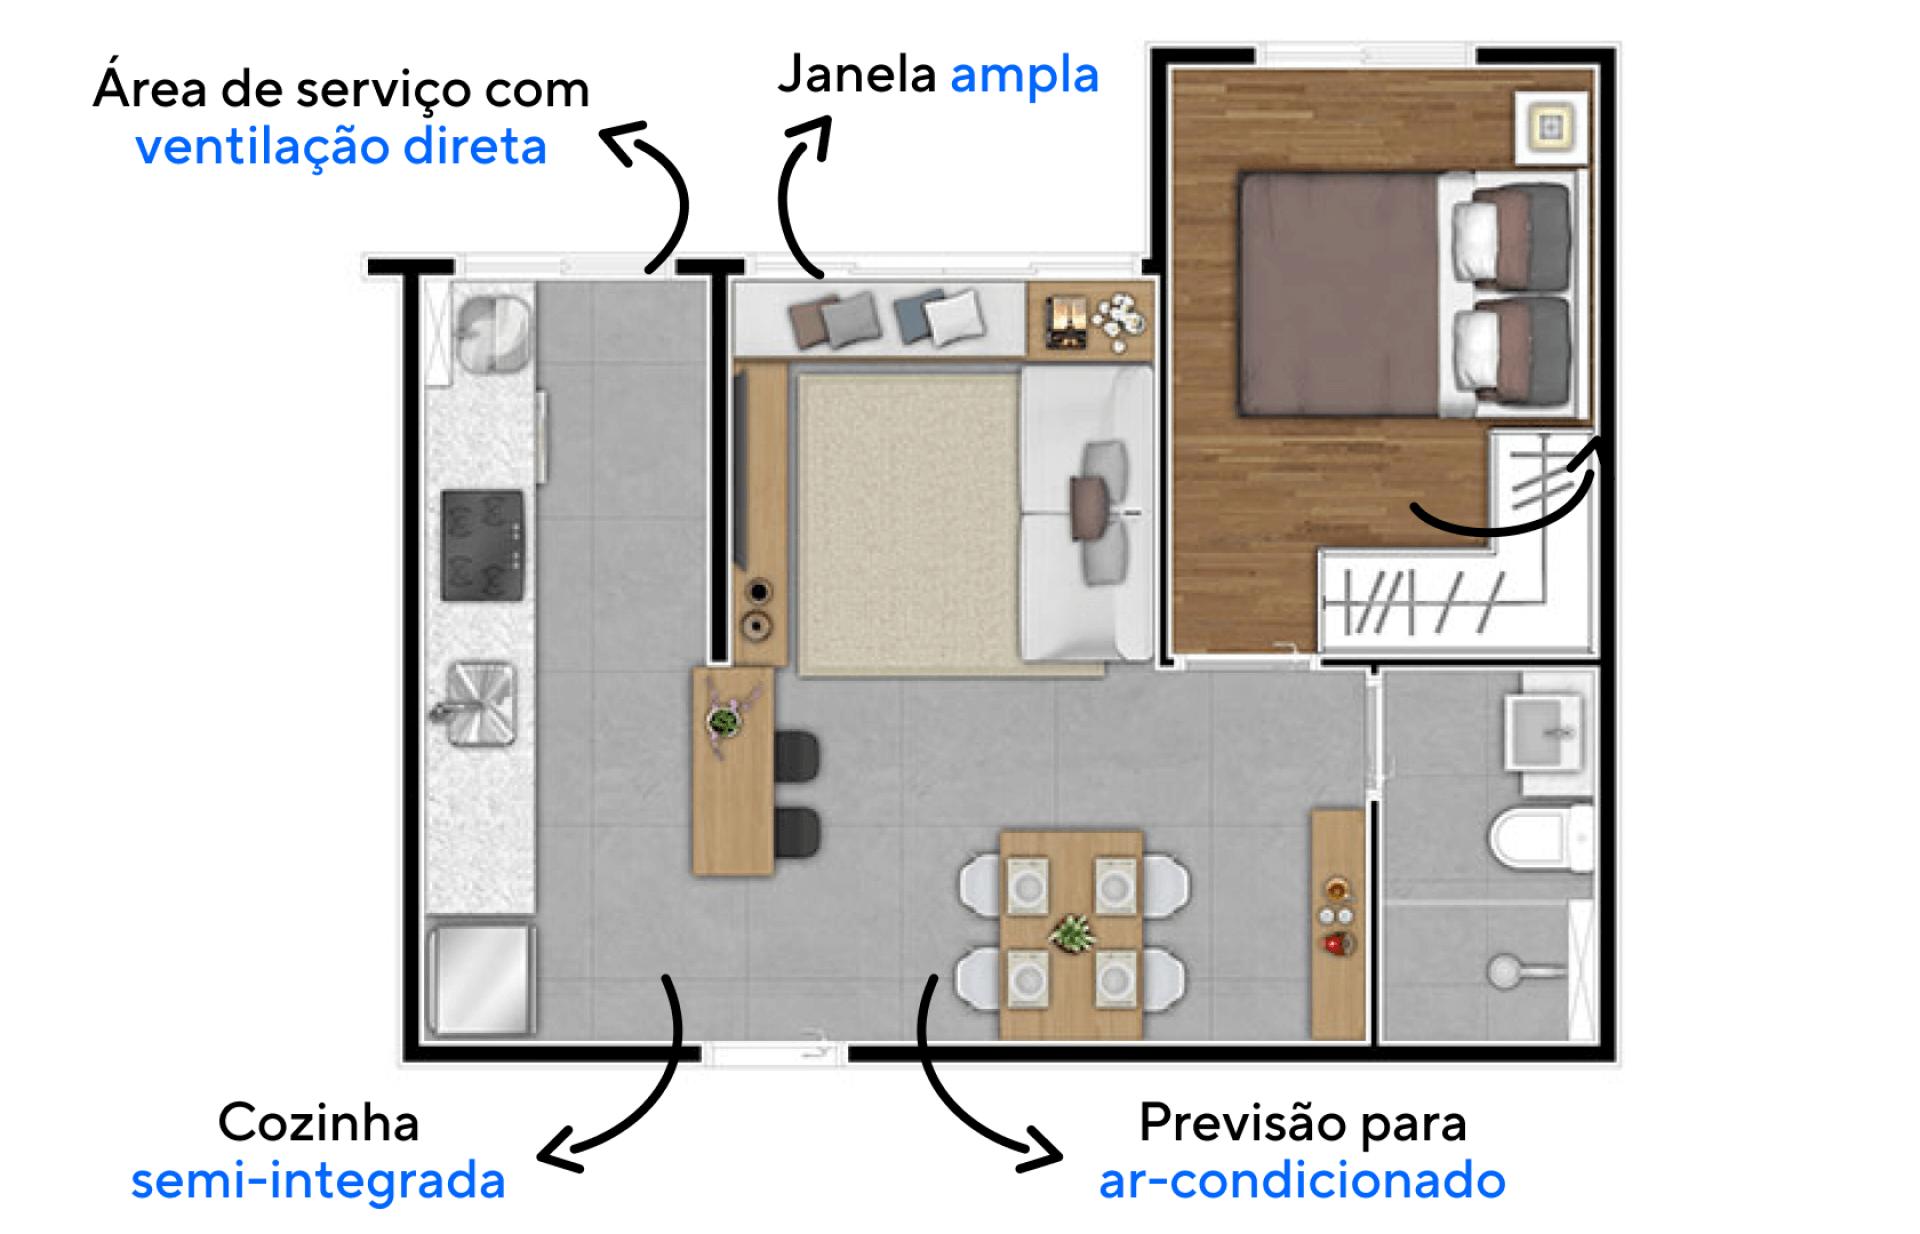 34 M² - 1 QUARTO. Apartamentos com ventilação natural direta em todos os ambientes. Destaque para a ampla janela da sala, com dimensões maiores que o convencional proporcionando ótima entrada de luz natural na sala.